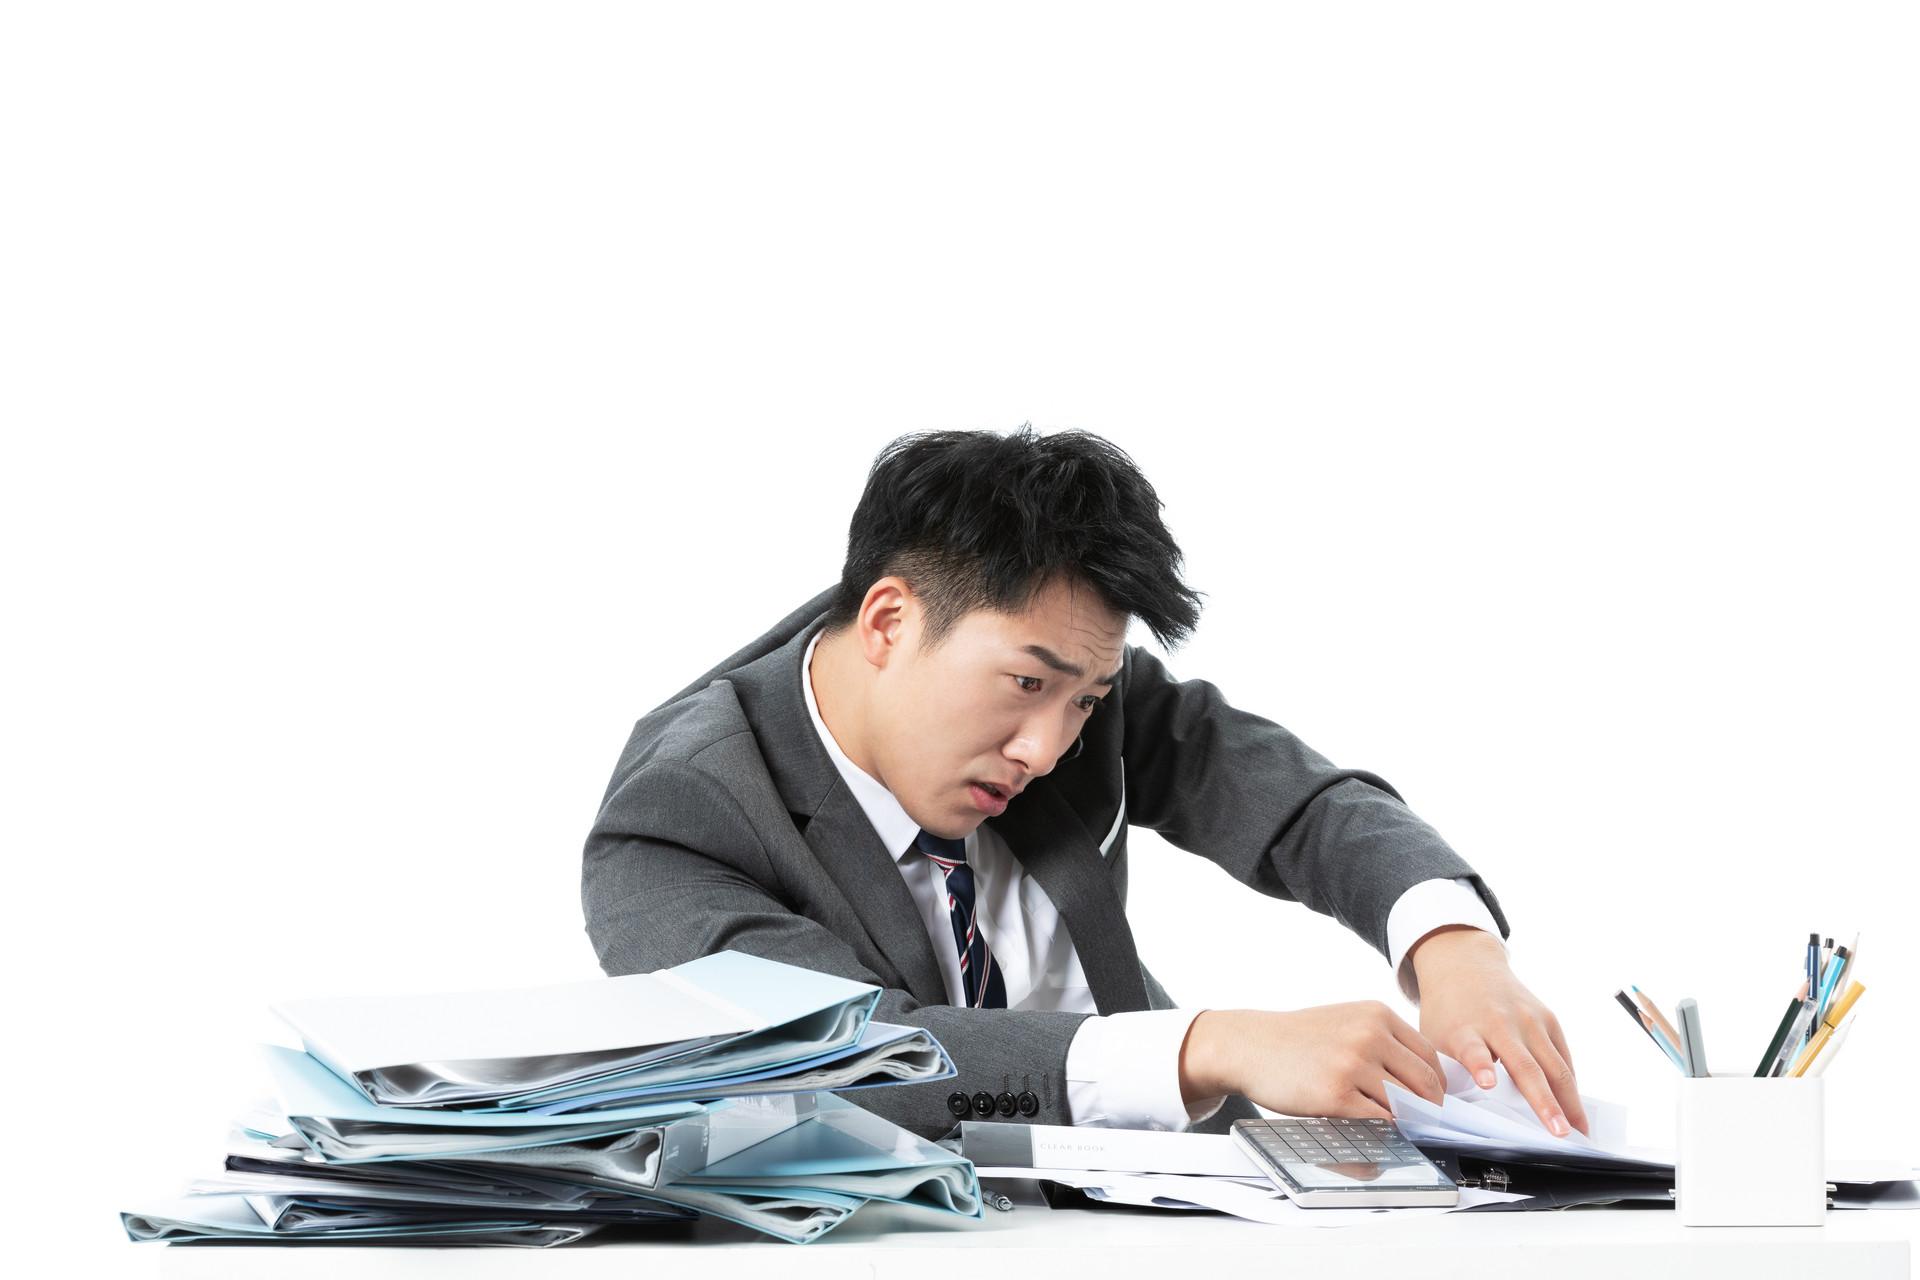 做工资条可以变得和做成绩单一样简单,只需要掌握一个软件就可以